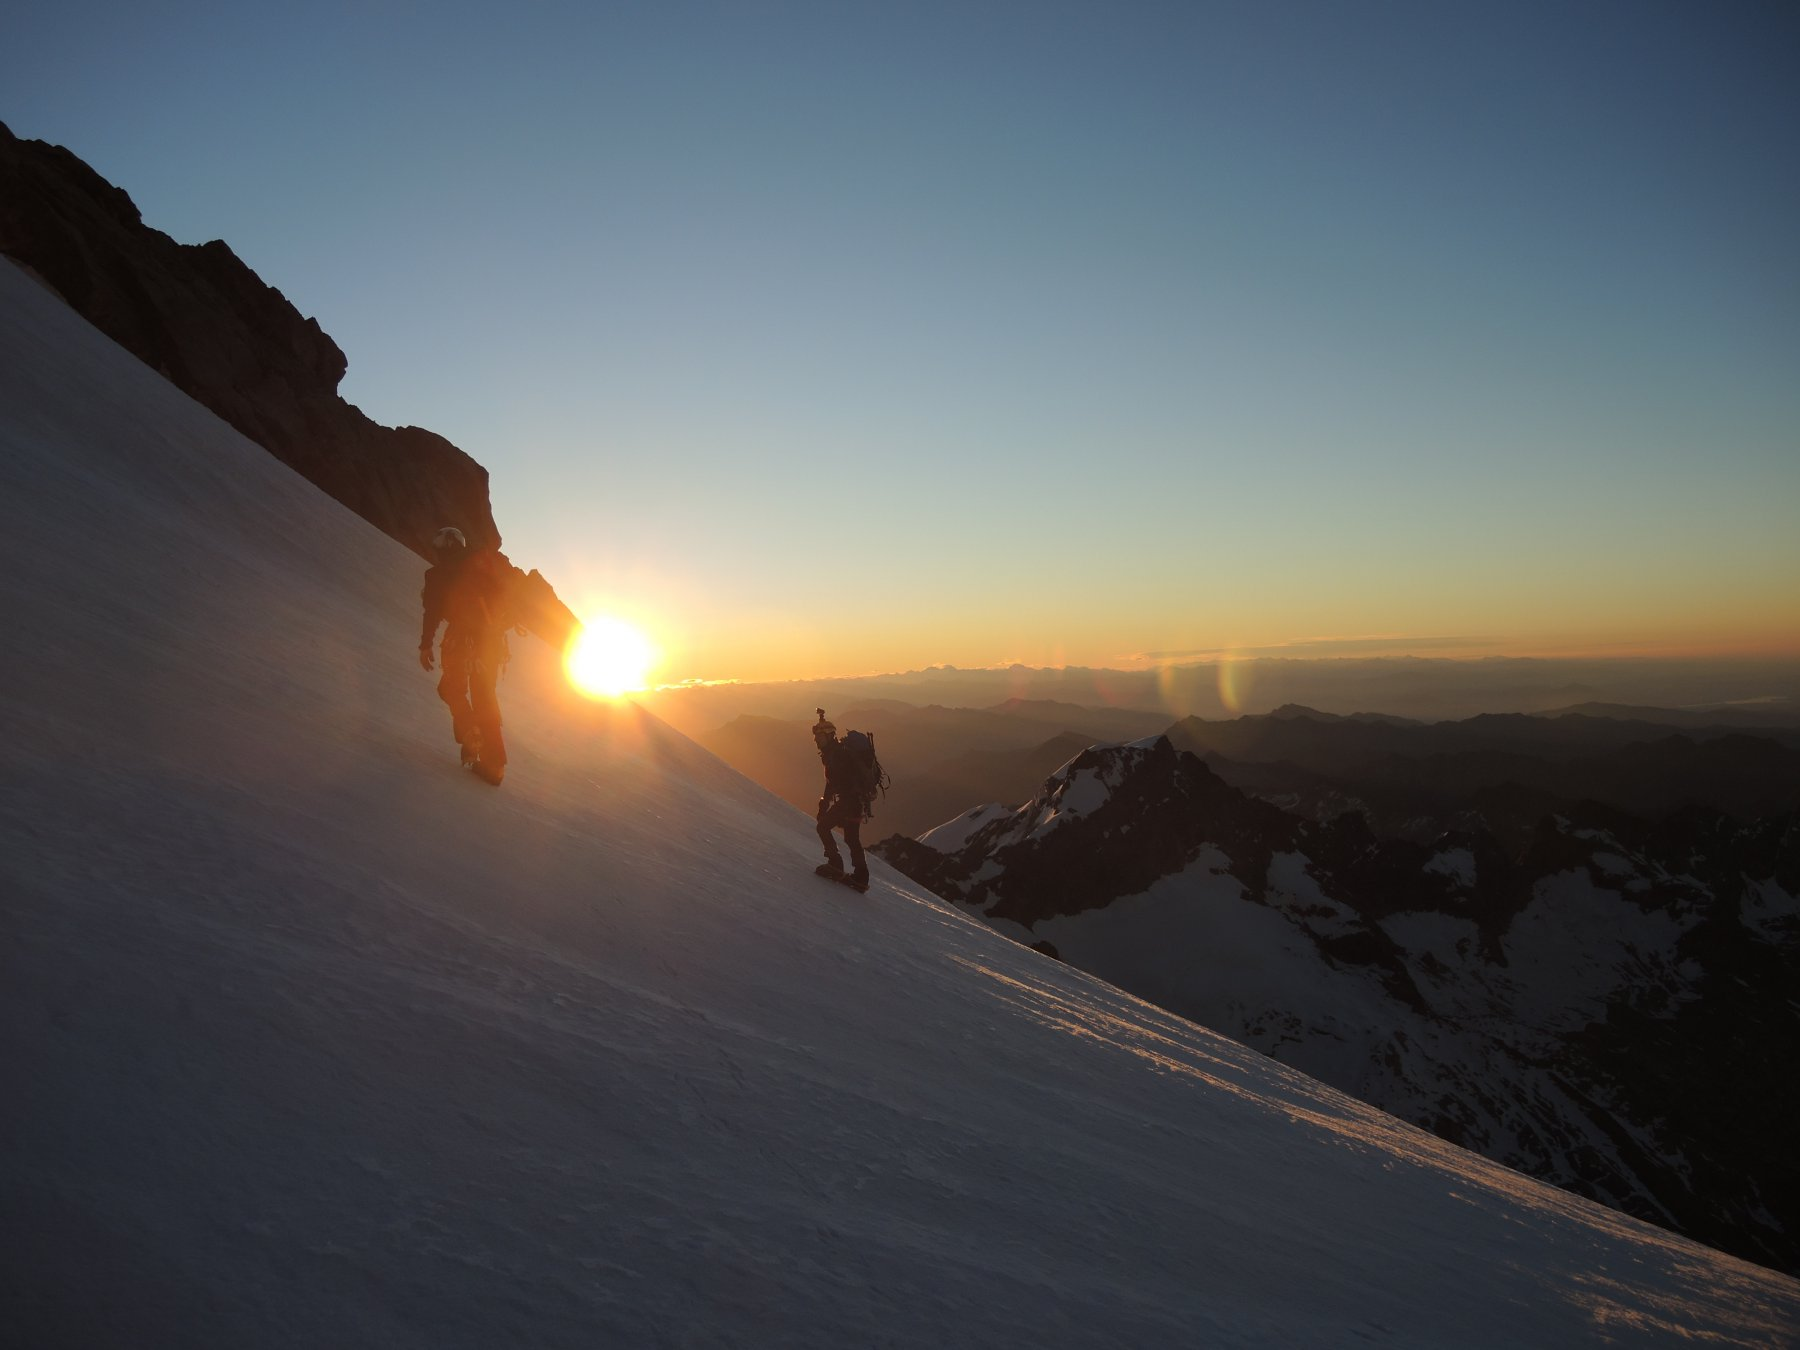 L'alba sul ghiacciao delle Piode